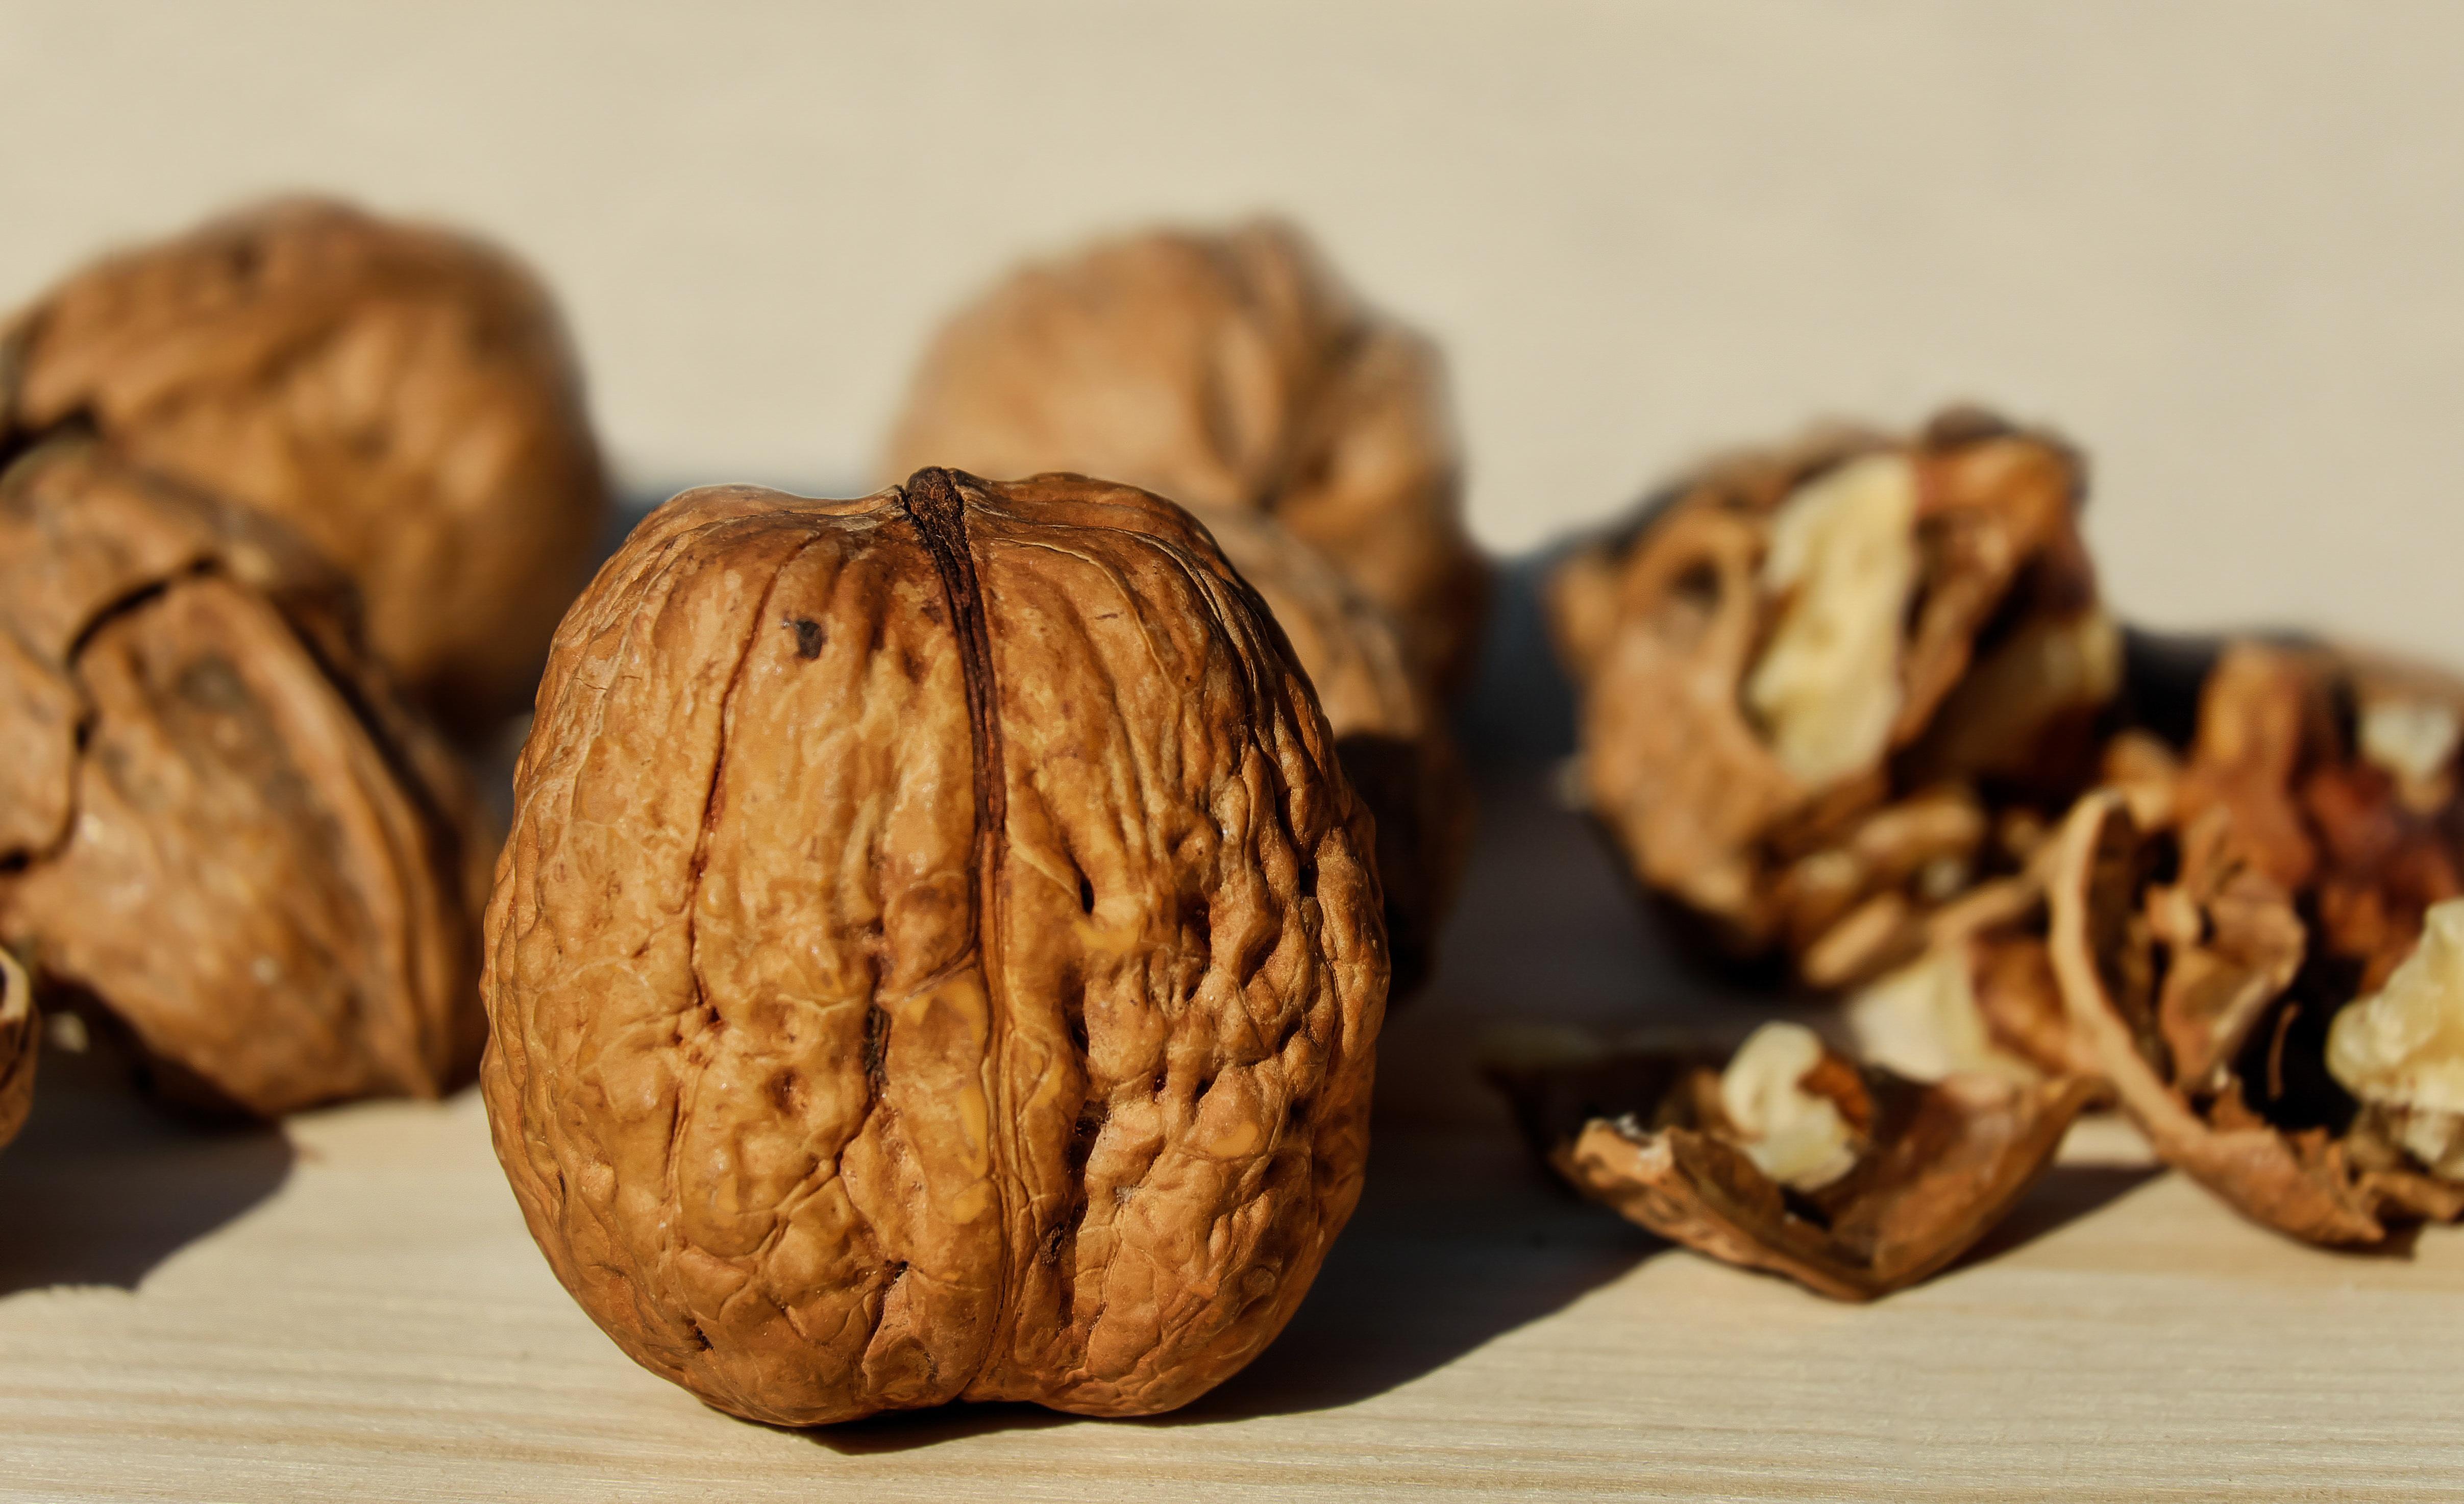 Kostenlose foto : Lebensmittel, produzieren, Herbst, braun, Nuss ...